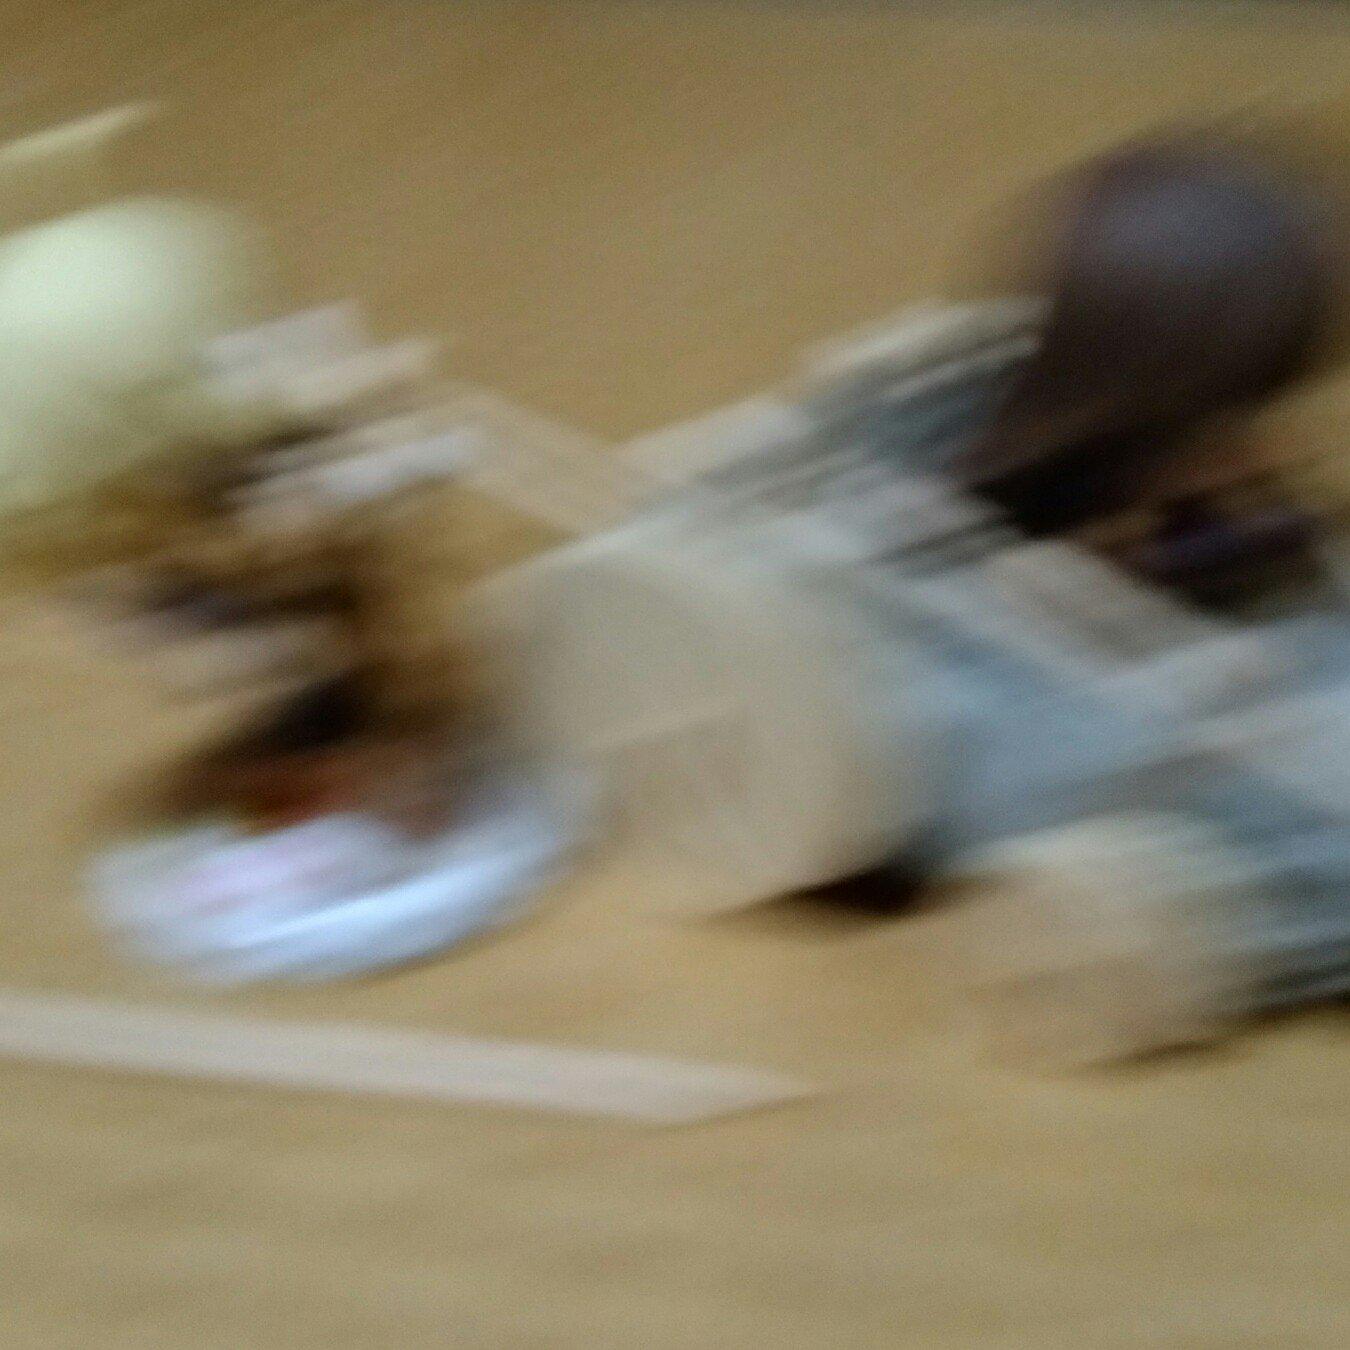 危険車の事故,原始人の観察日記ブログ,おすすめキューポッシュ物語